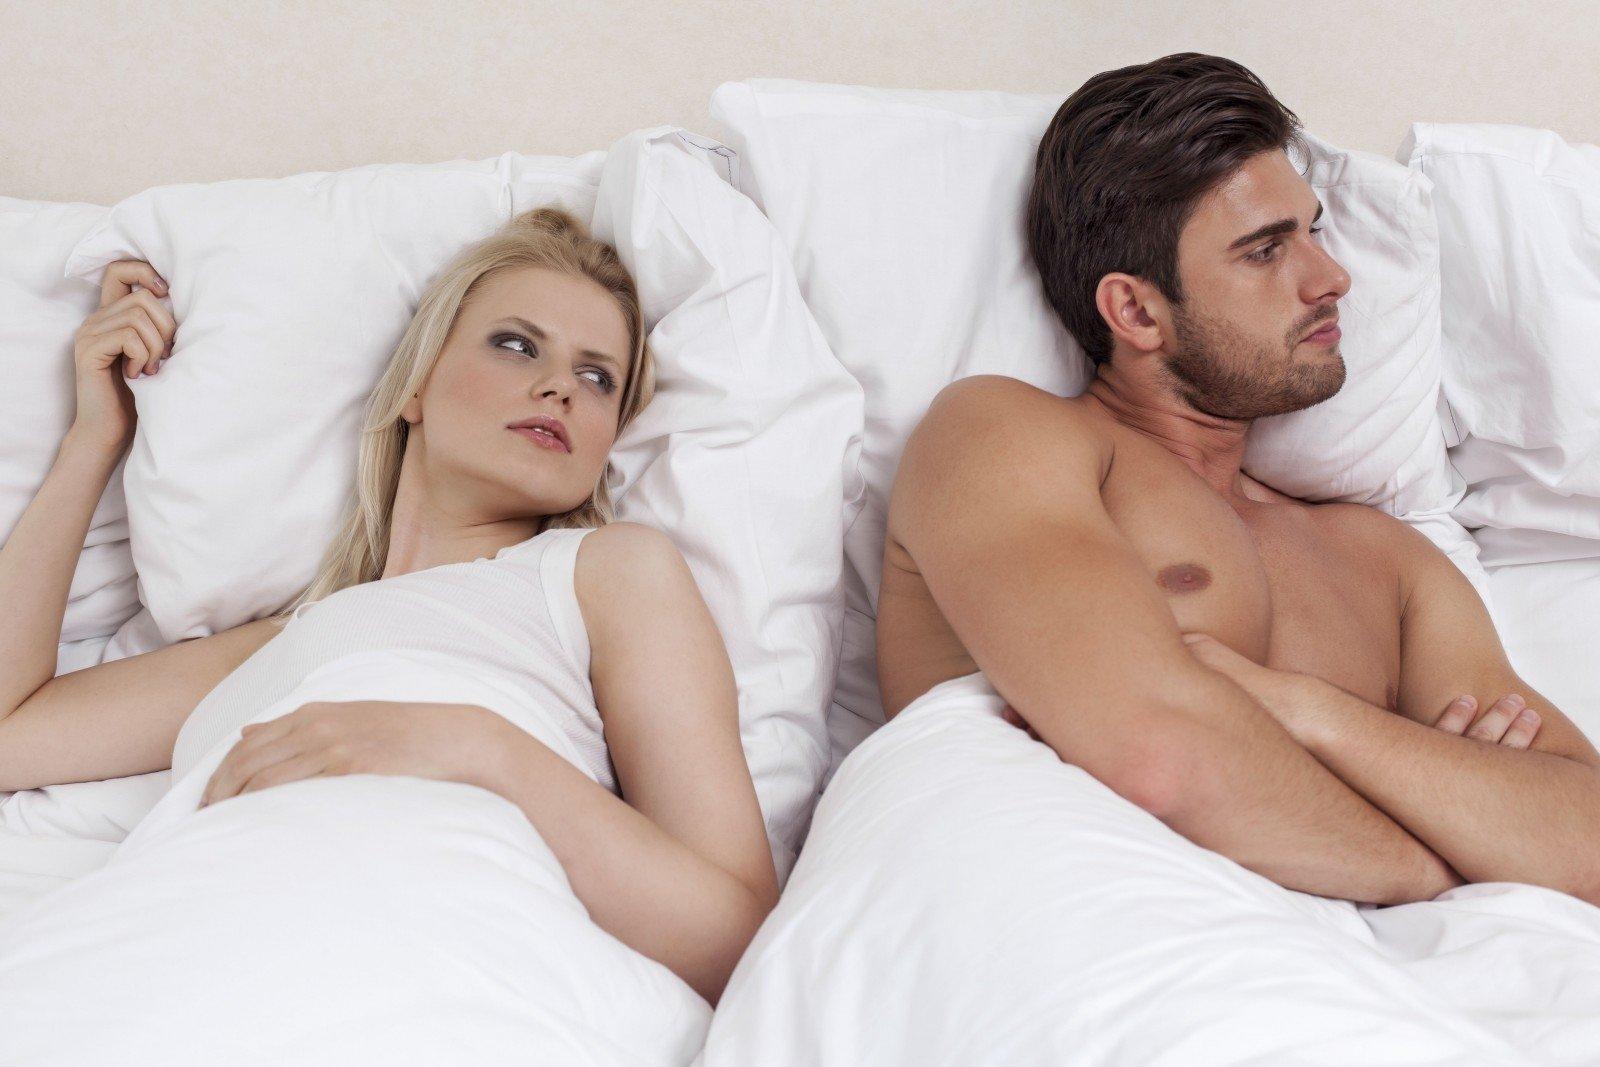 erekcijos problemų lytinio akto metu